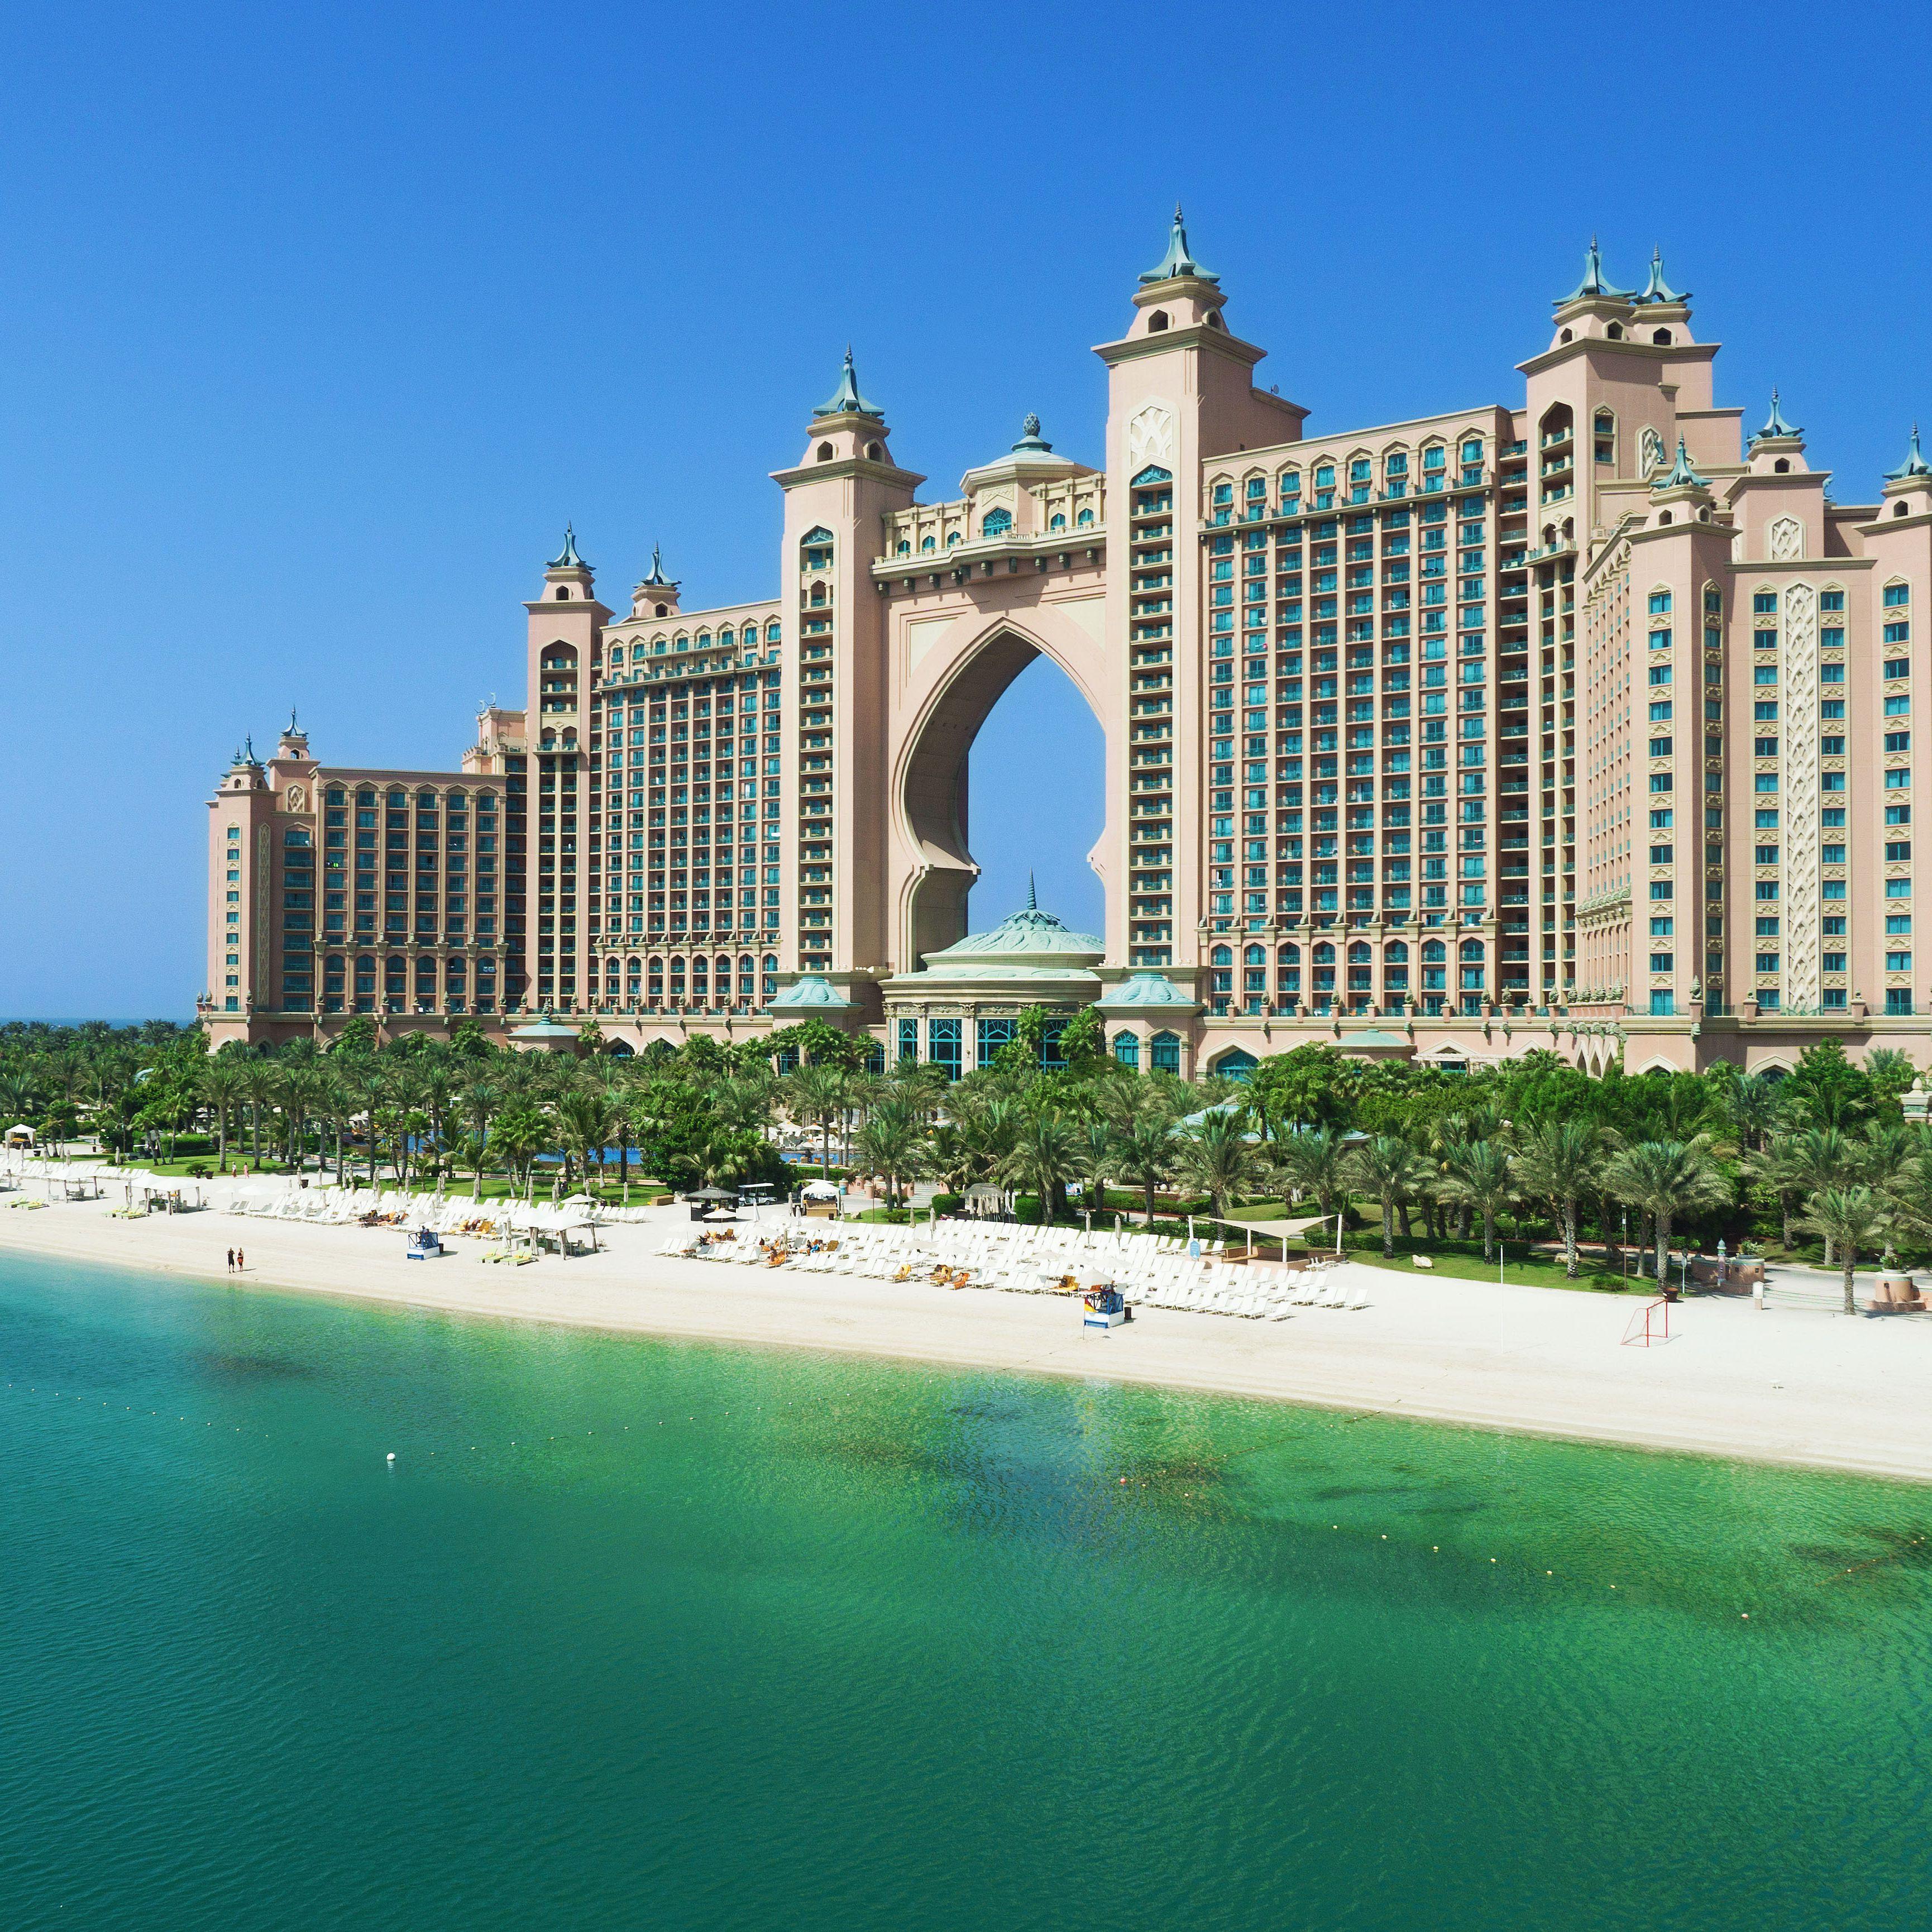 Guide to Atlantis The Palm, Dubai